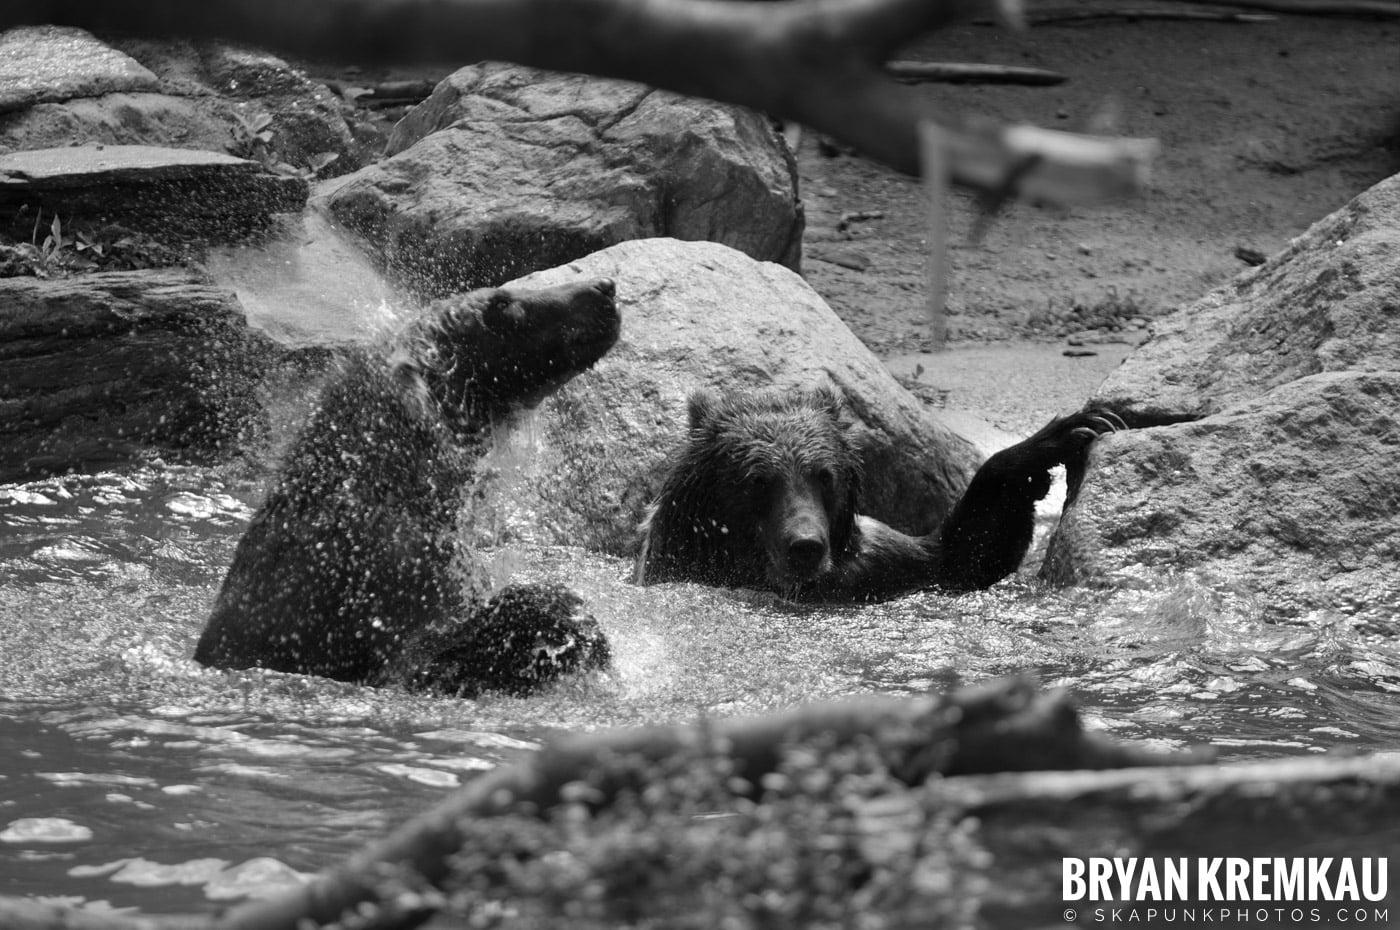 The Bronx Zoo @ Bronx, NYC - 5.7.11 (49)